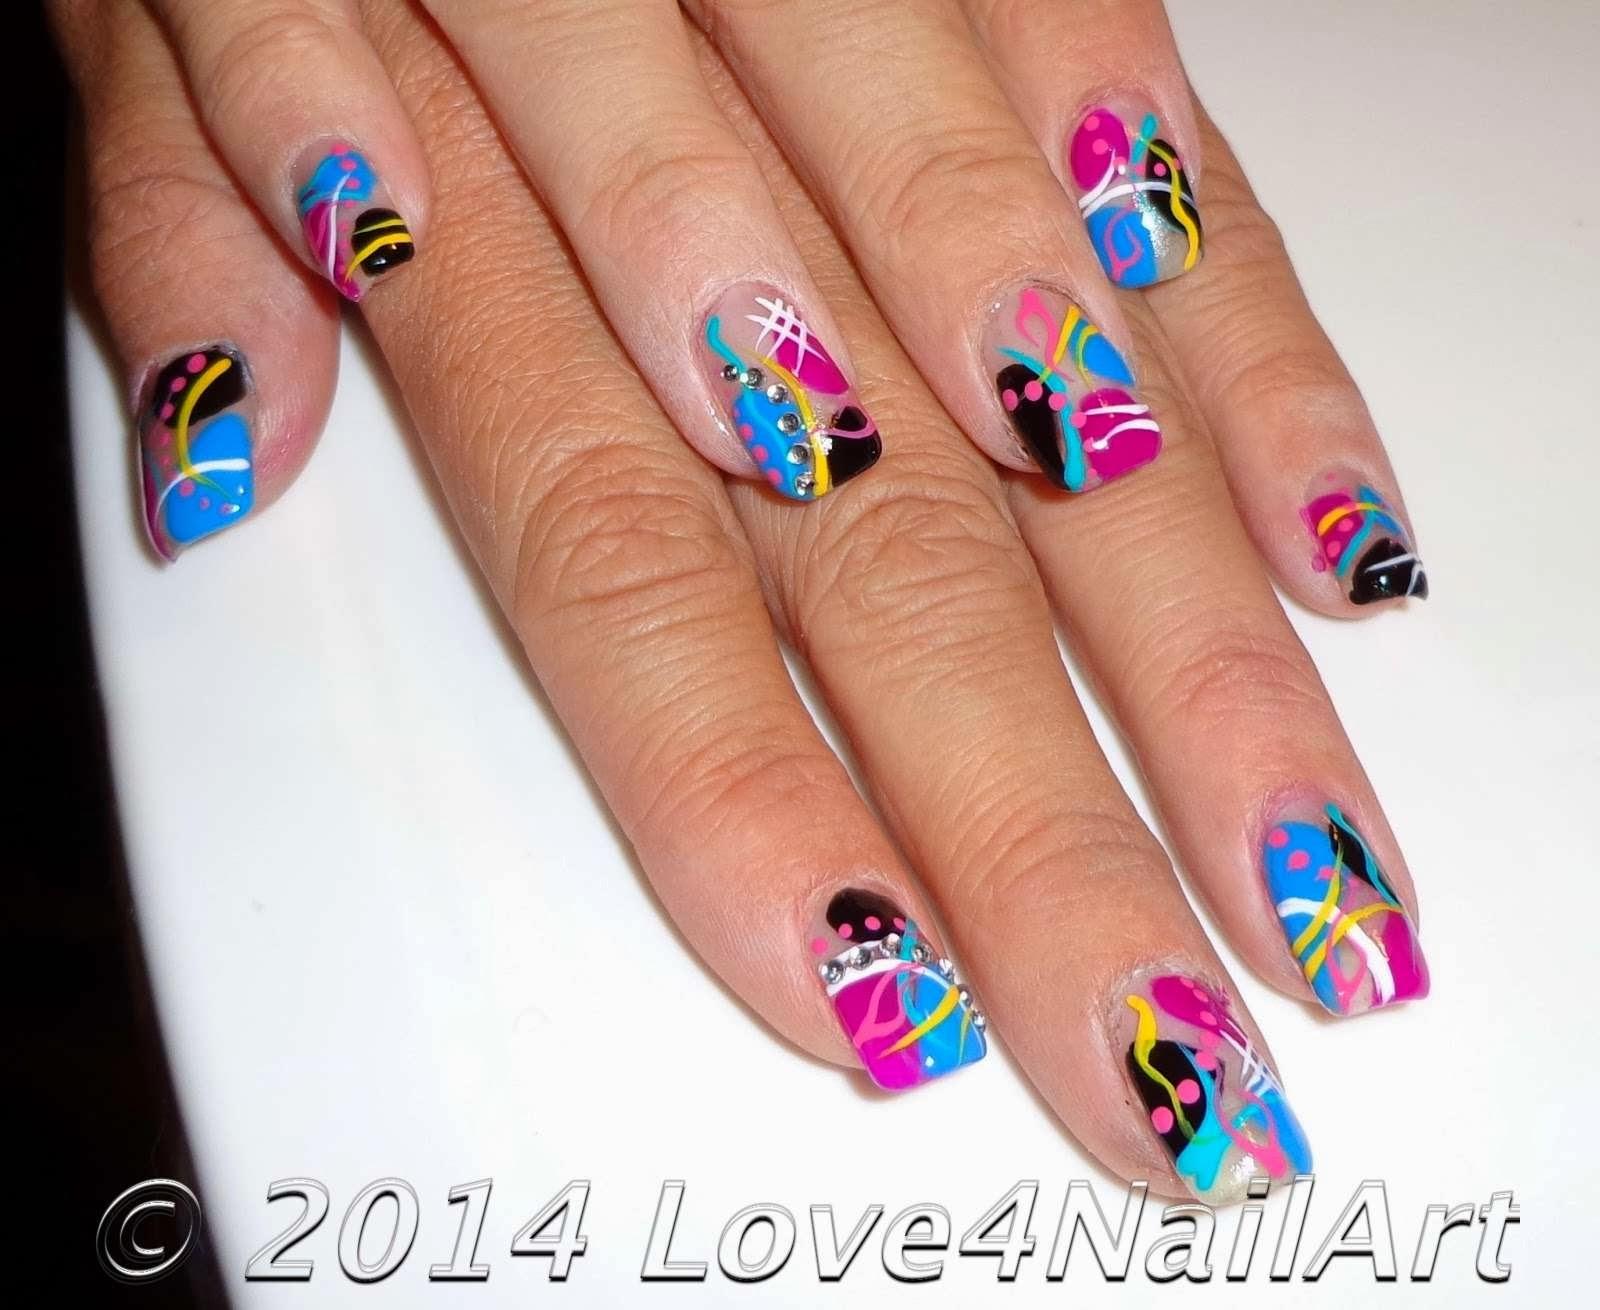 Love4NailArt: Abstract Nail Art for Short Nails